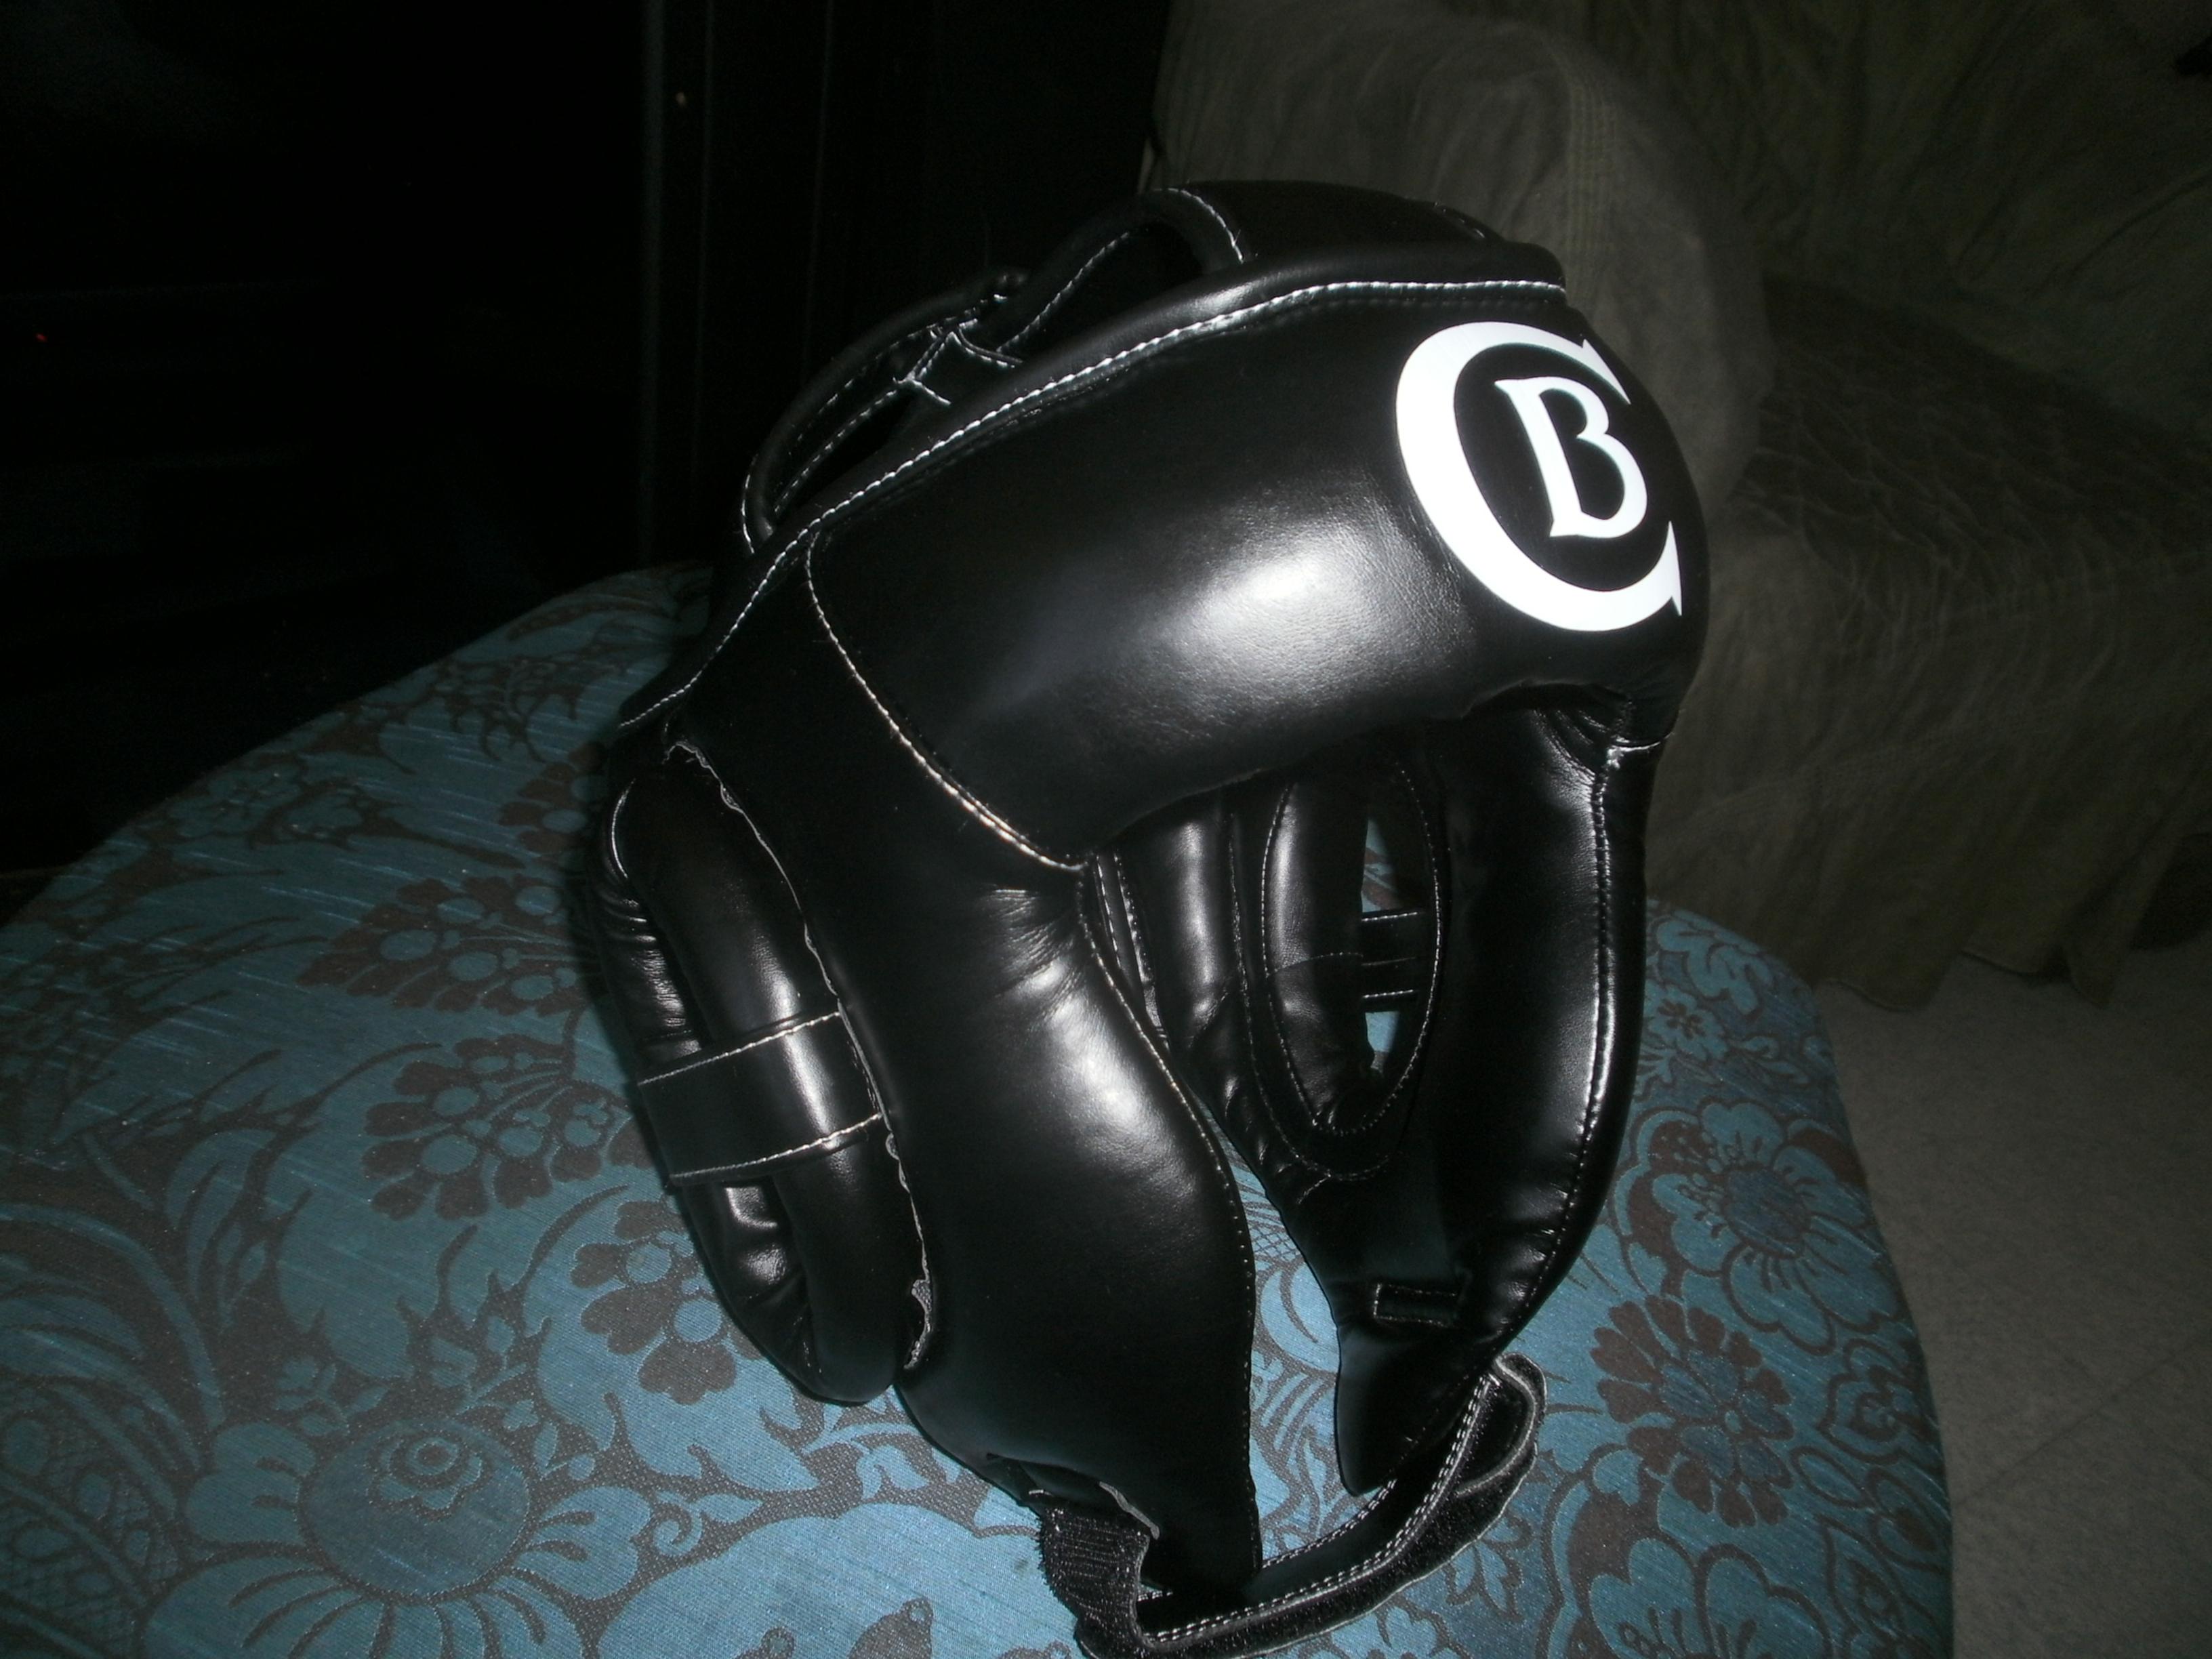 Matériel Boxe anglaise] Demain j'achete sur le forum Boxe